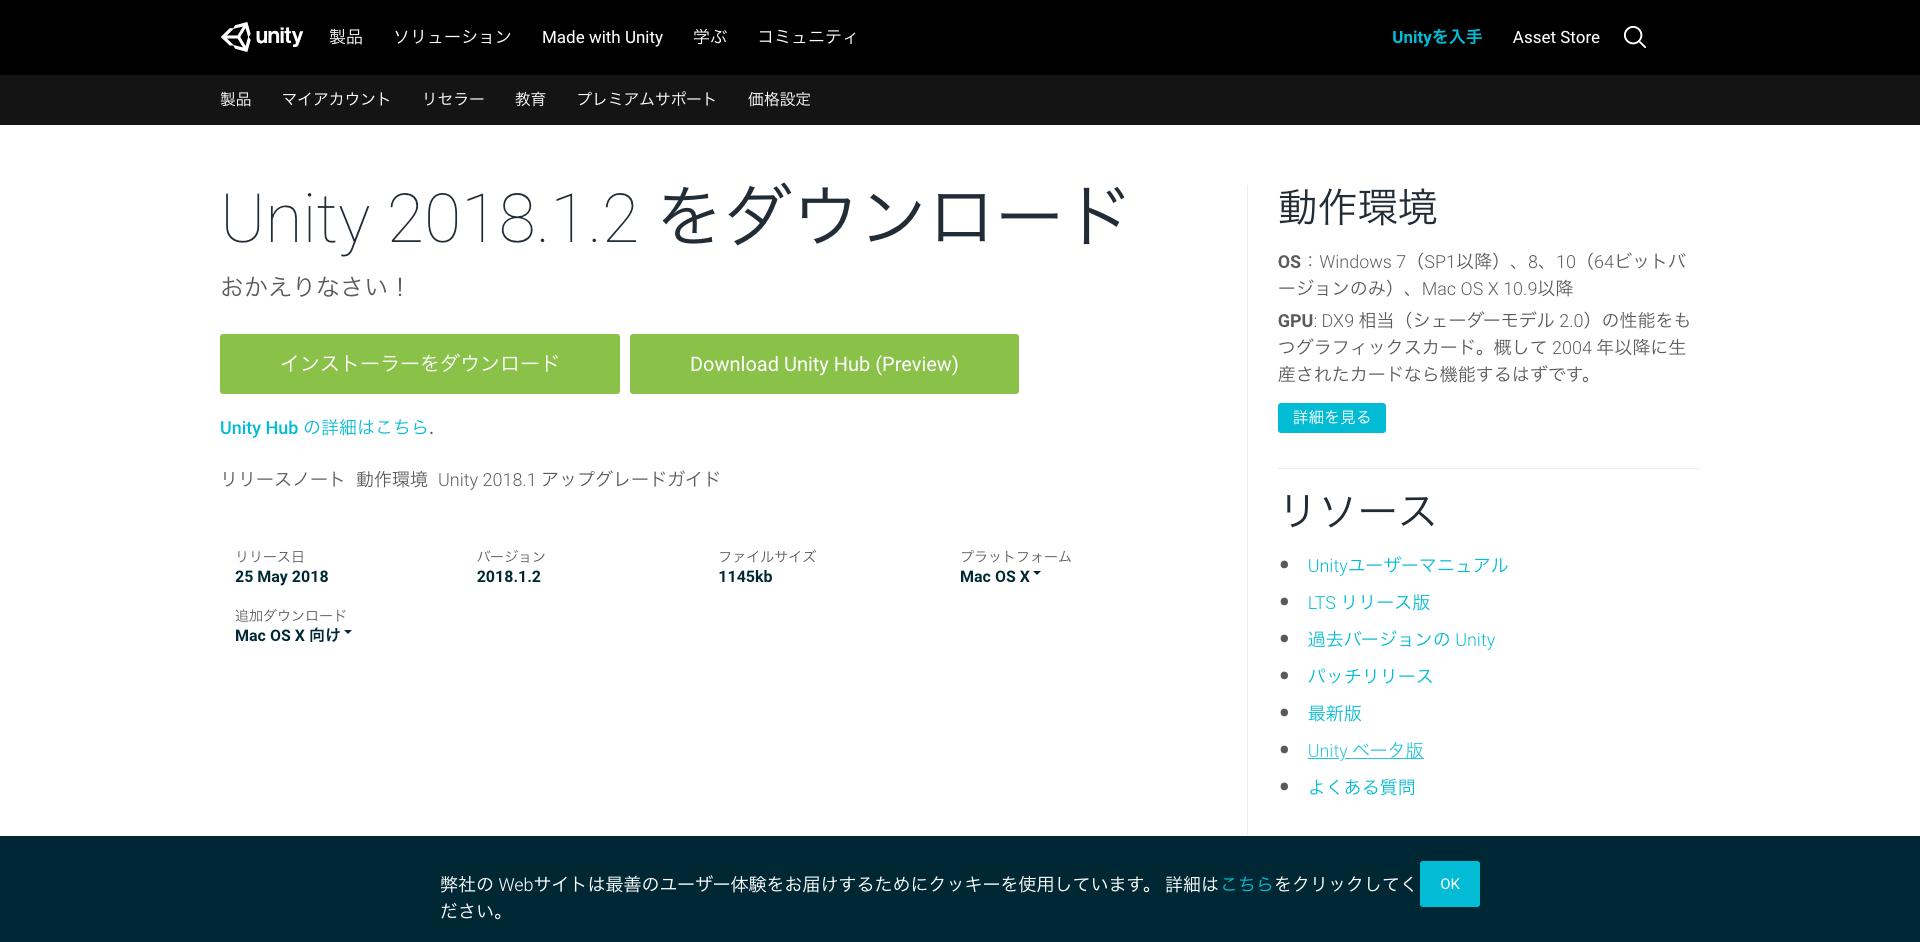 スクリーンショット 2018-06-04 16.55.22.png